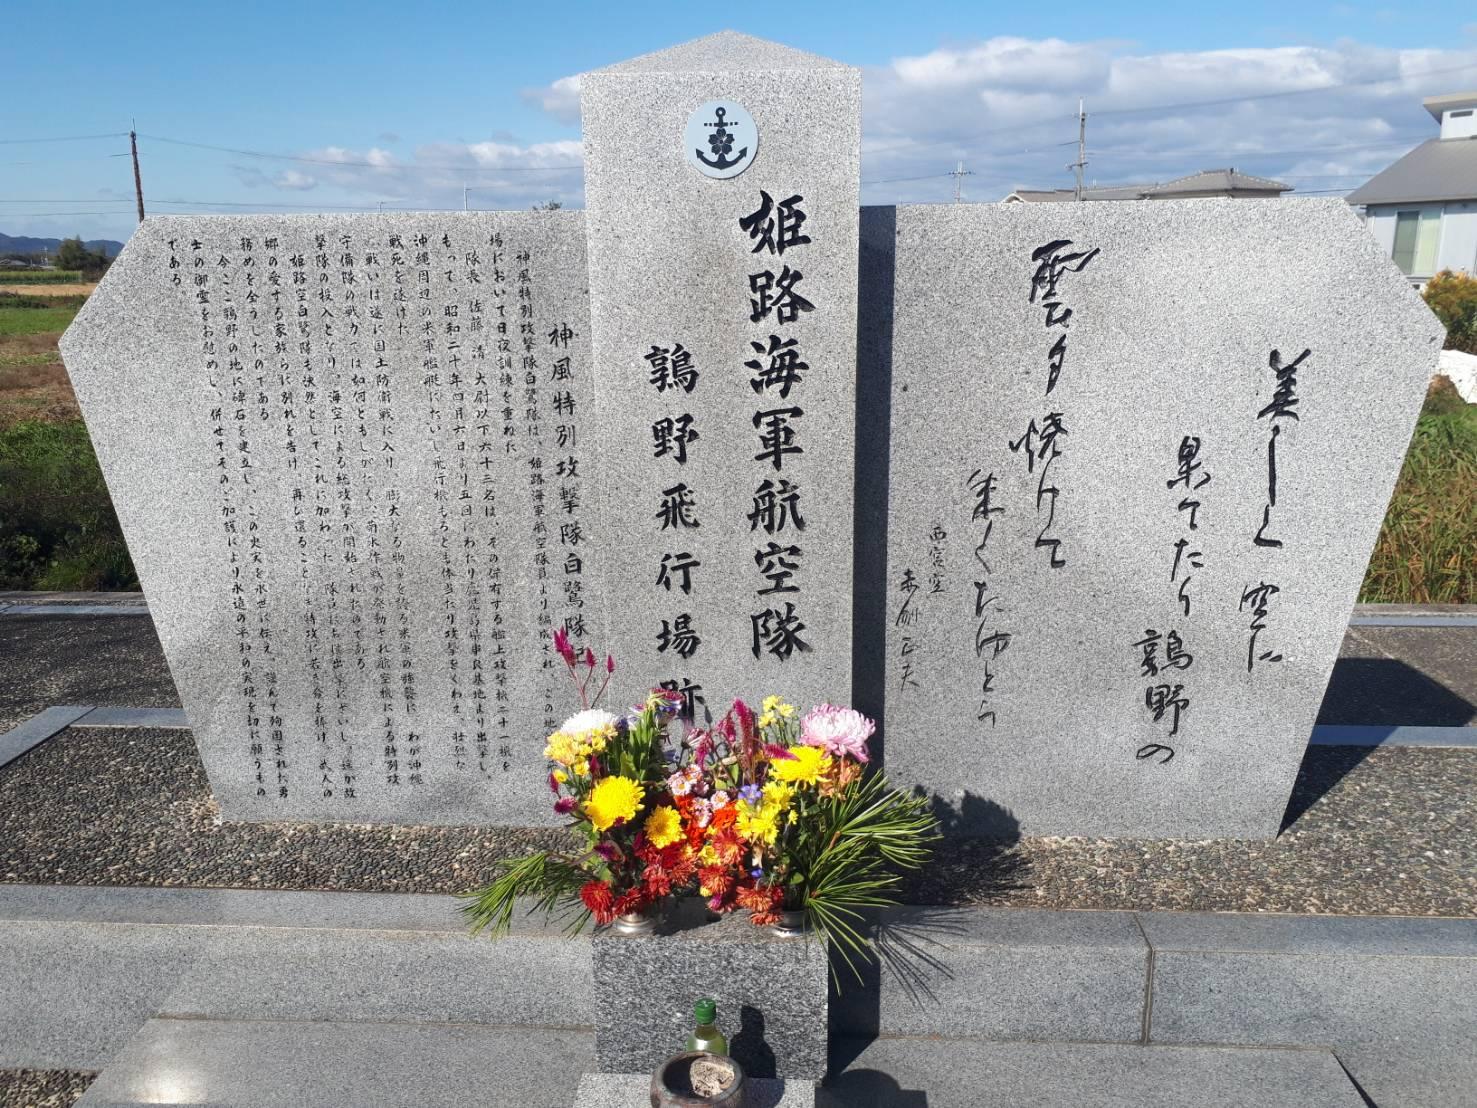 香芝市遺族会・後期平和学習@鶉野飛行場跡